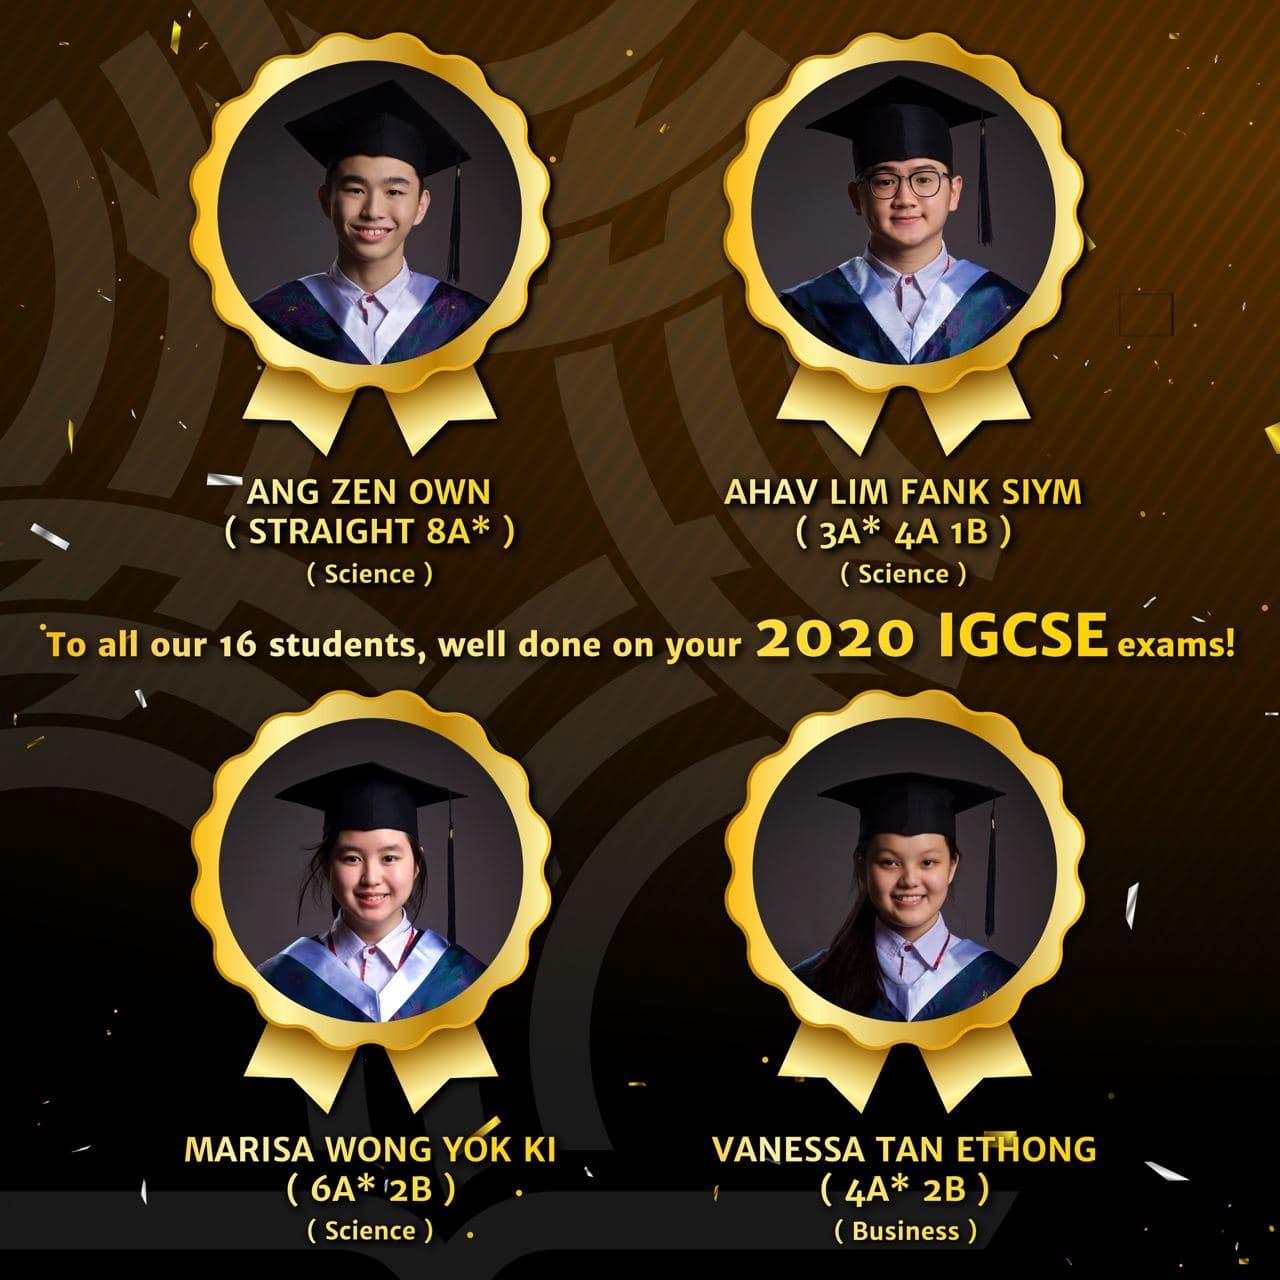 20210120 IGCSE students v2